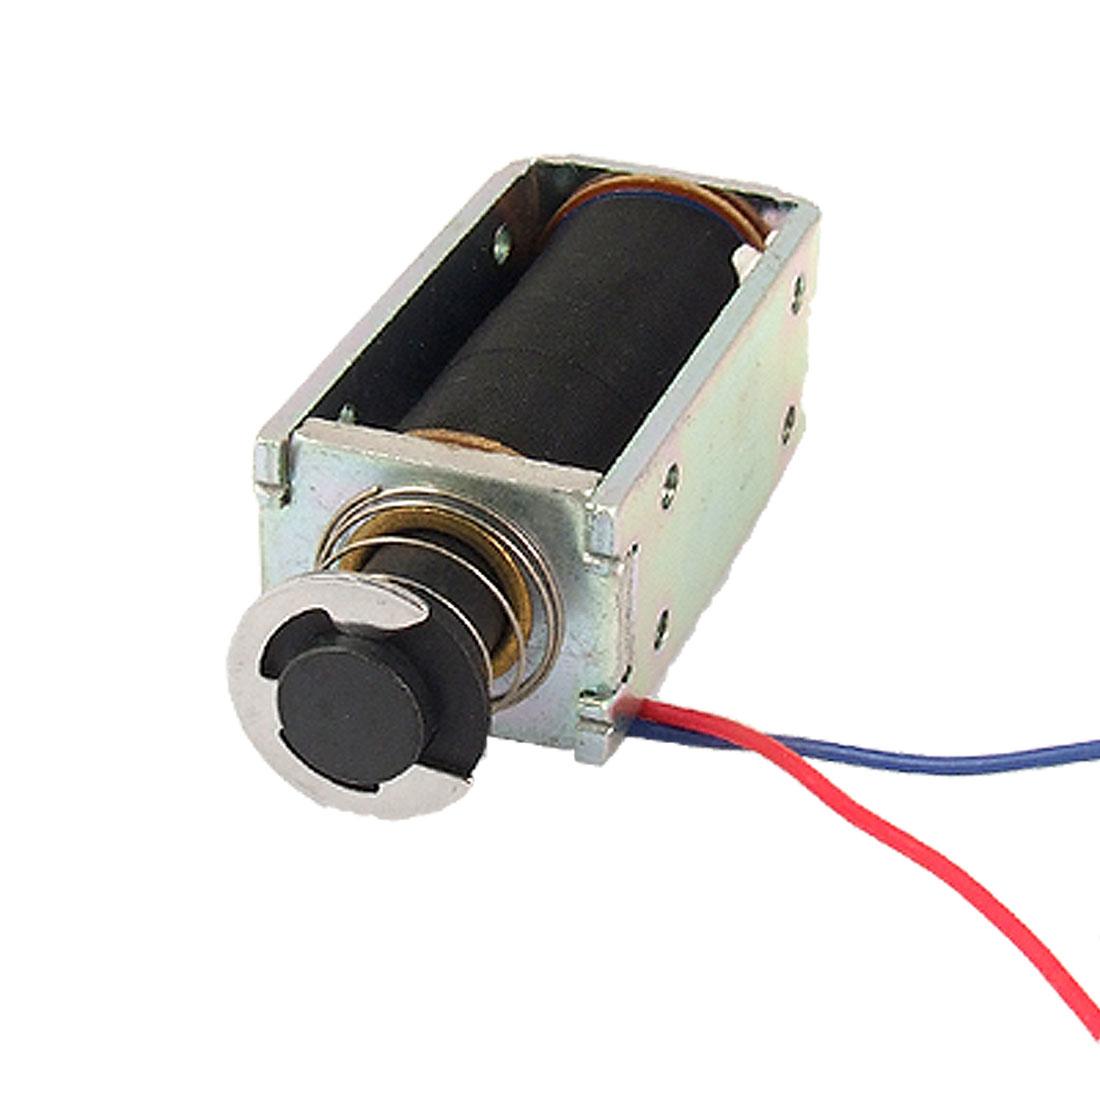 DC 24V 10mm Stroke Open Frame Push Type Linear Solenoid Electromagnet